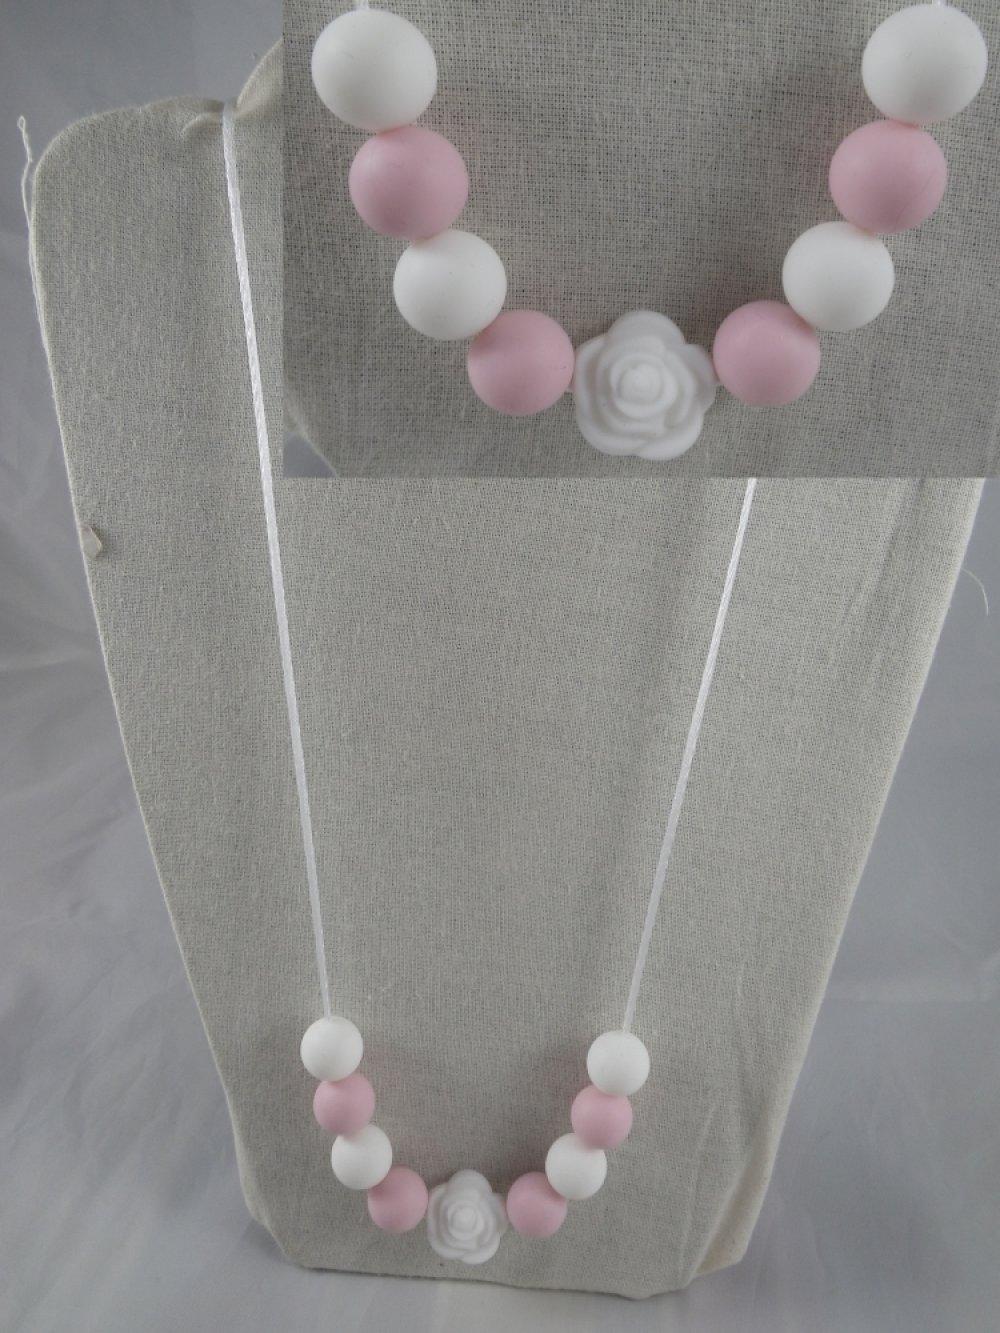 Collier de portage / allaitement blanc et rose poudré